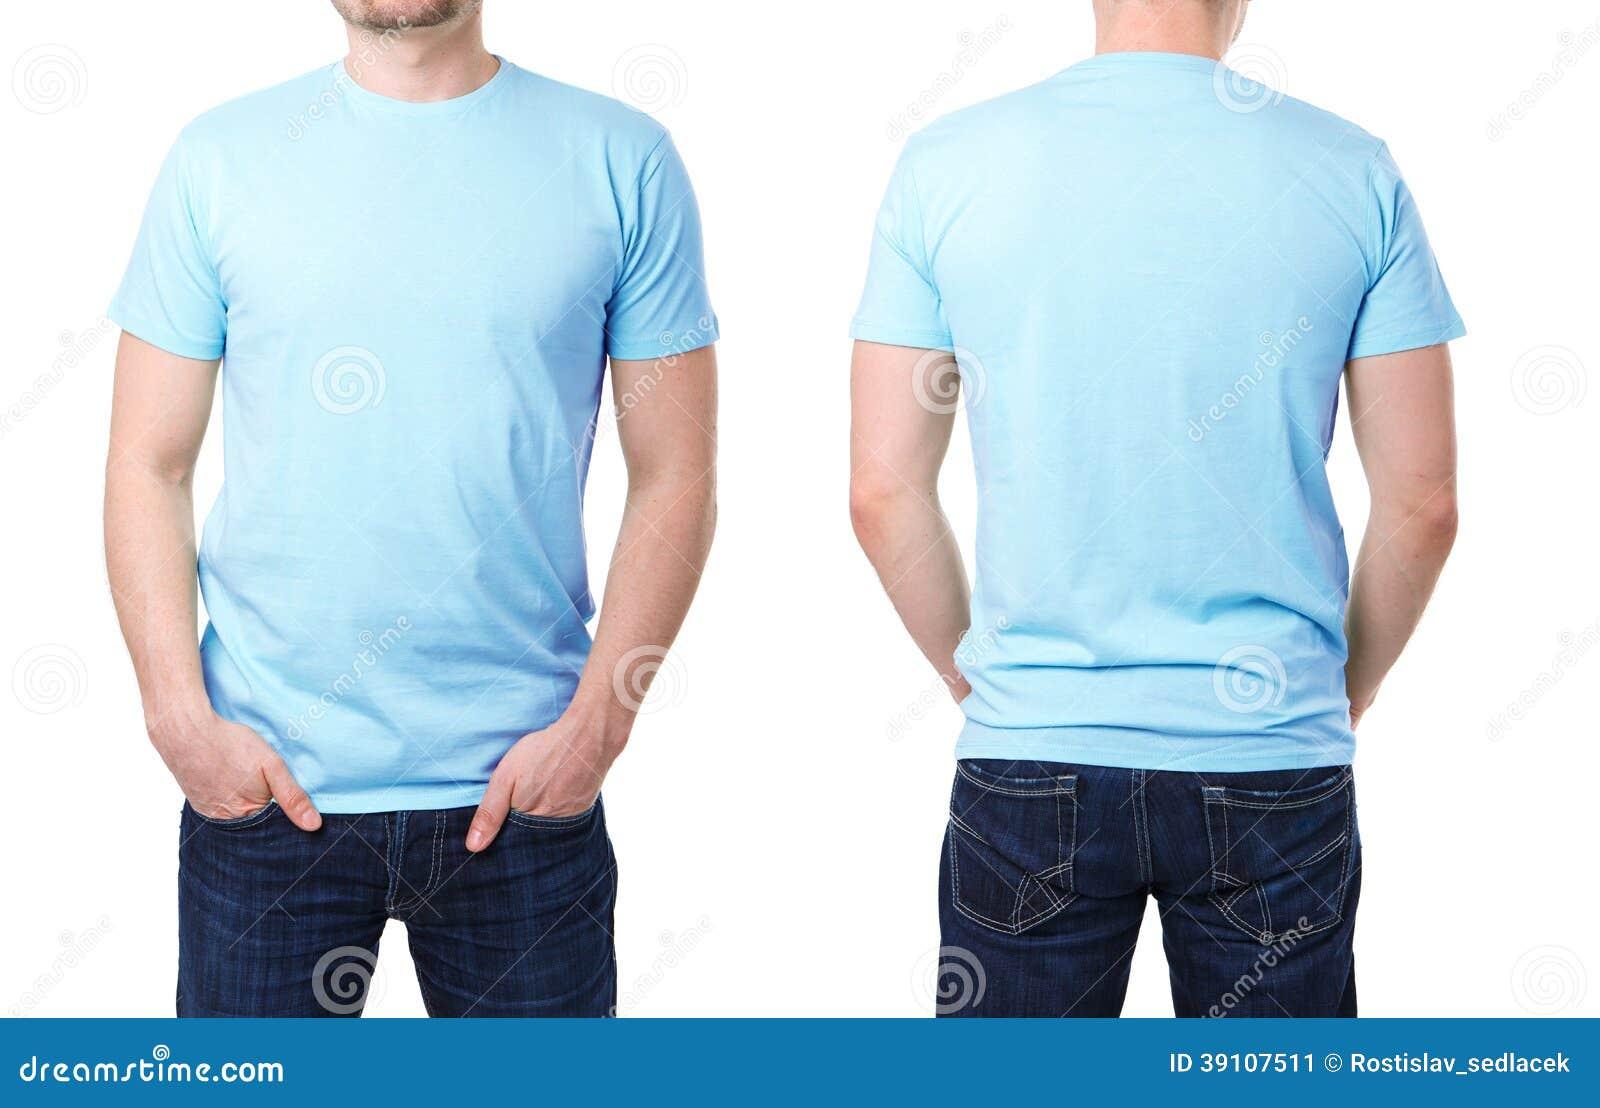 Blauwe t-shirt op een jonge mensenmalplaatje